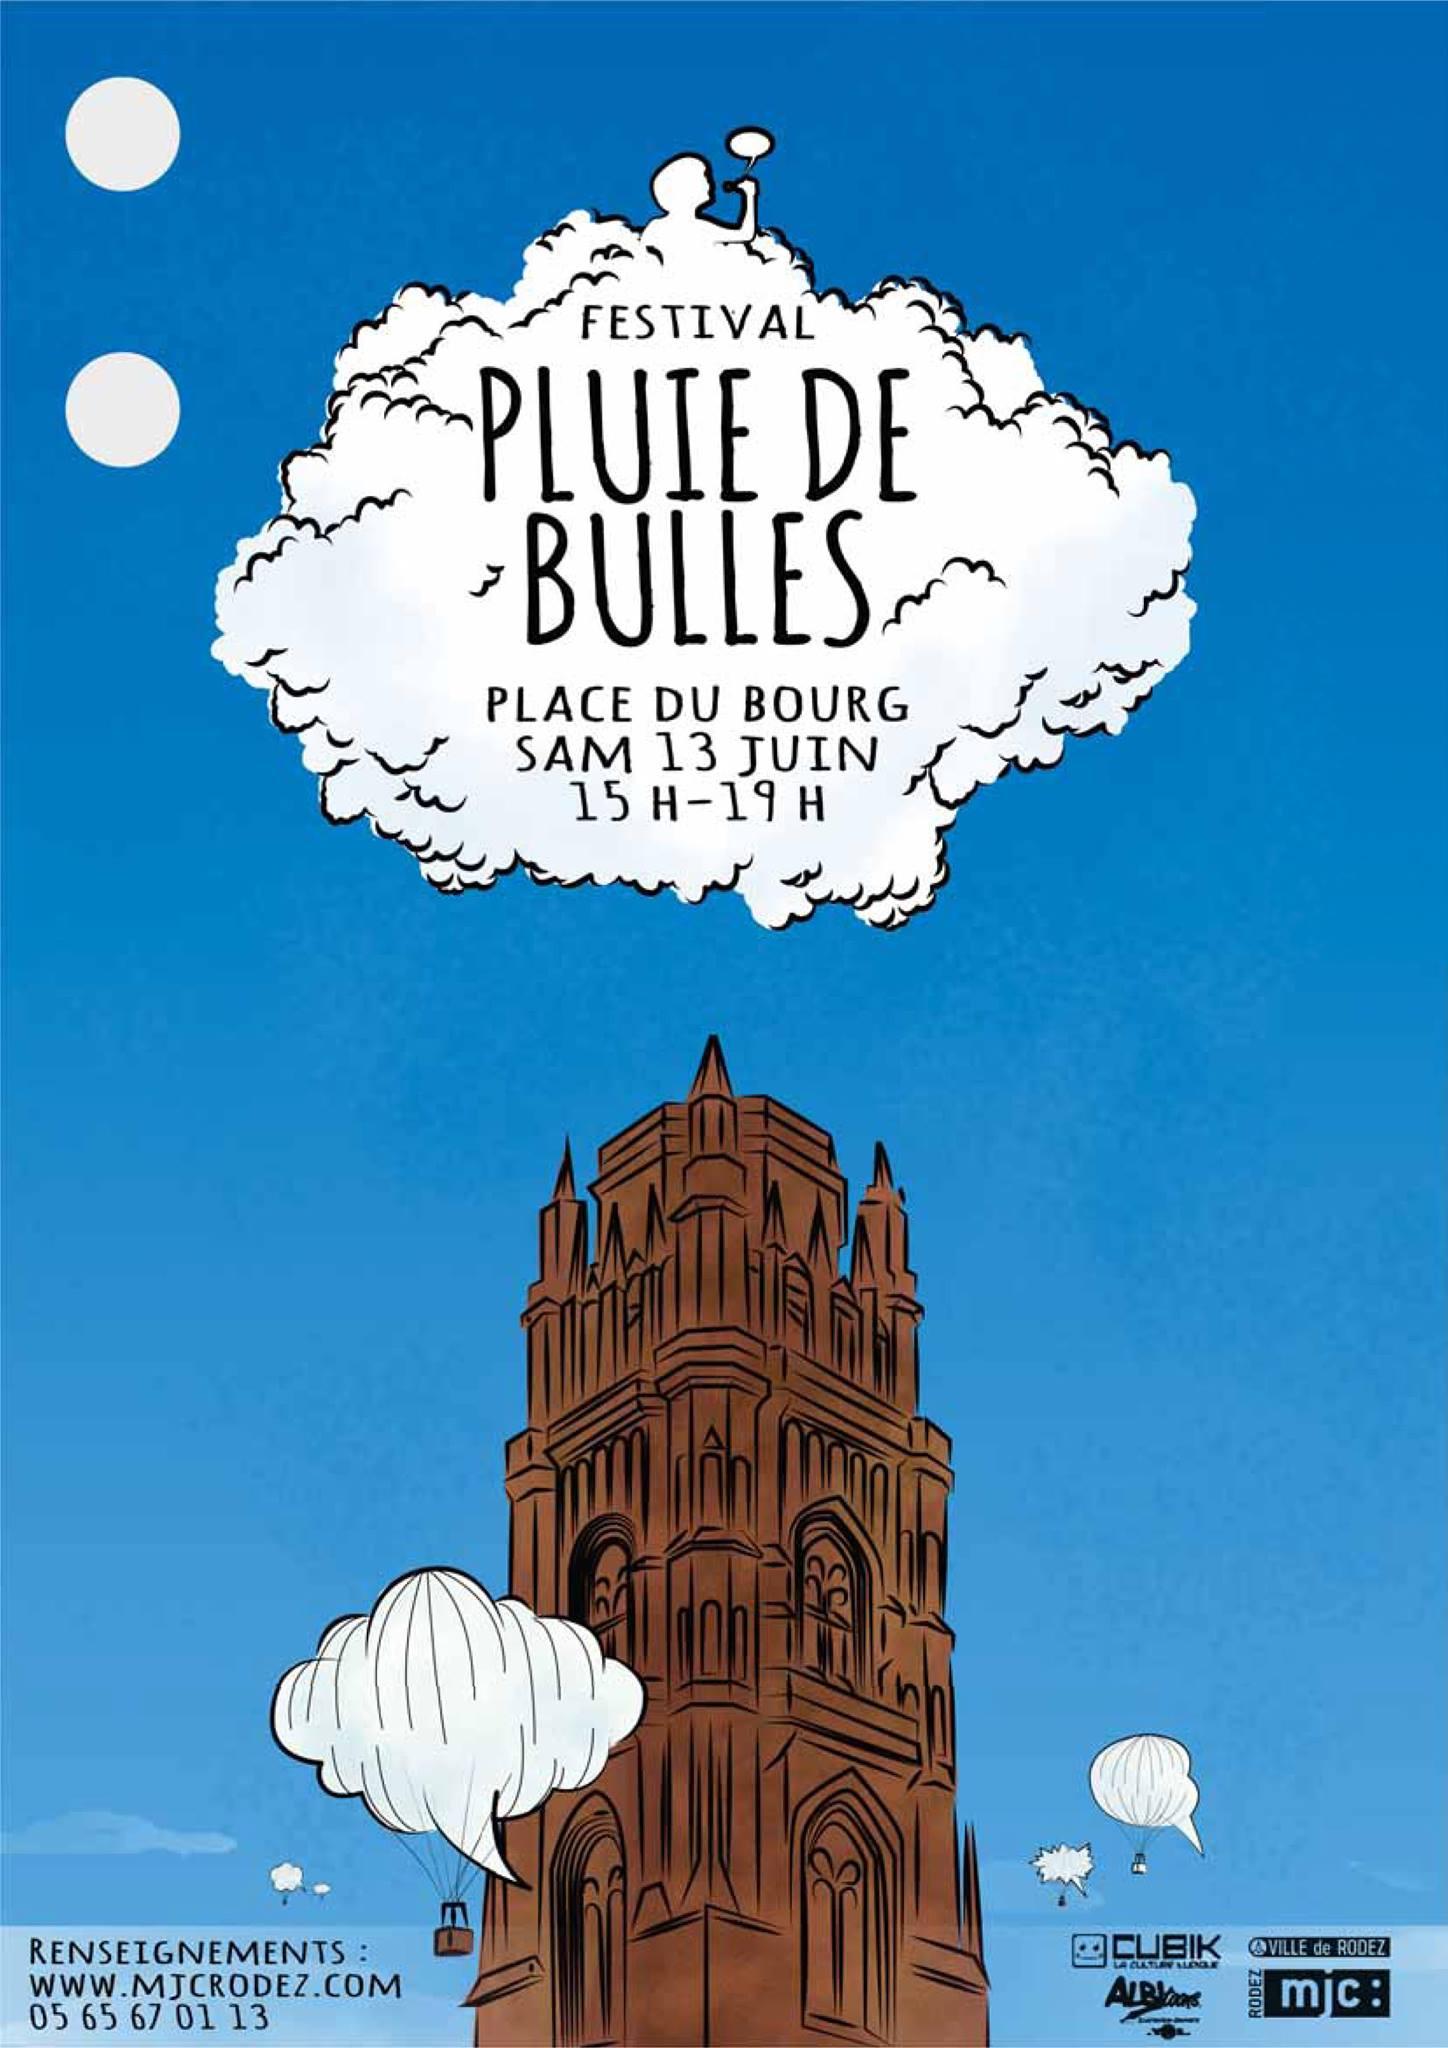 pluiedebulles2015